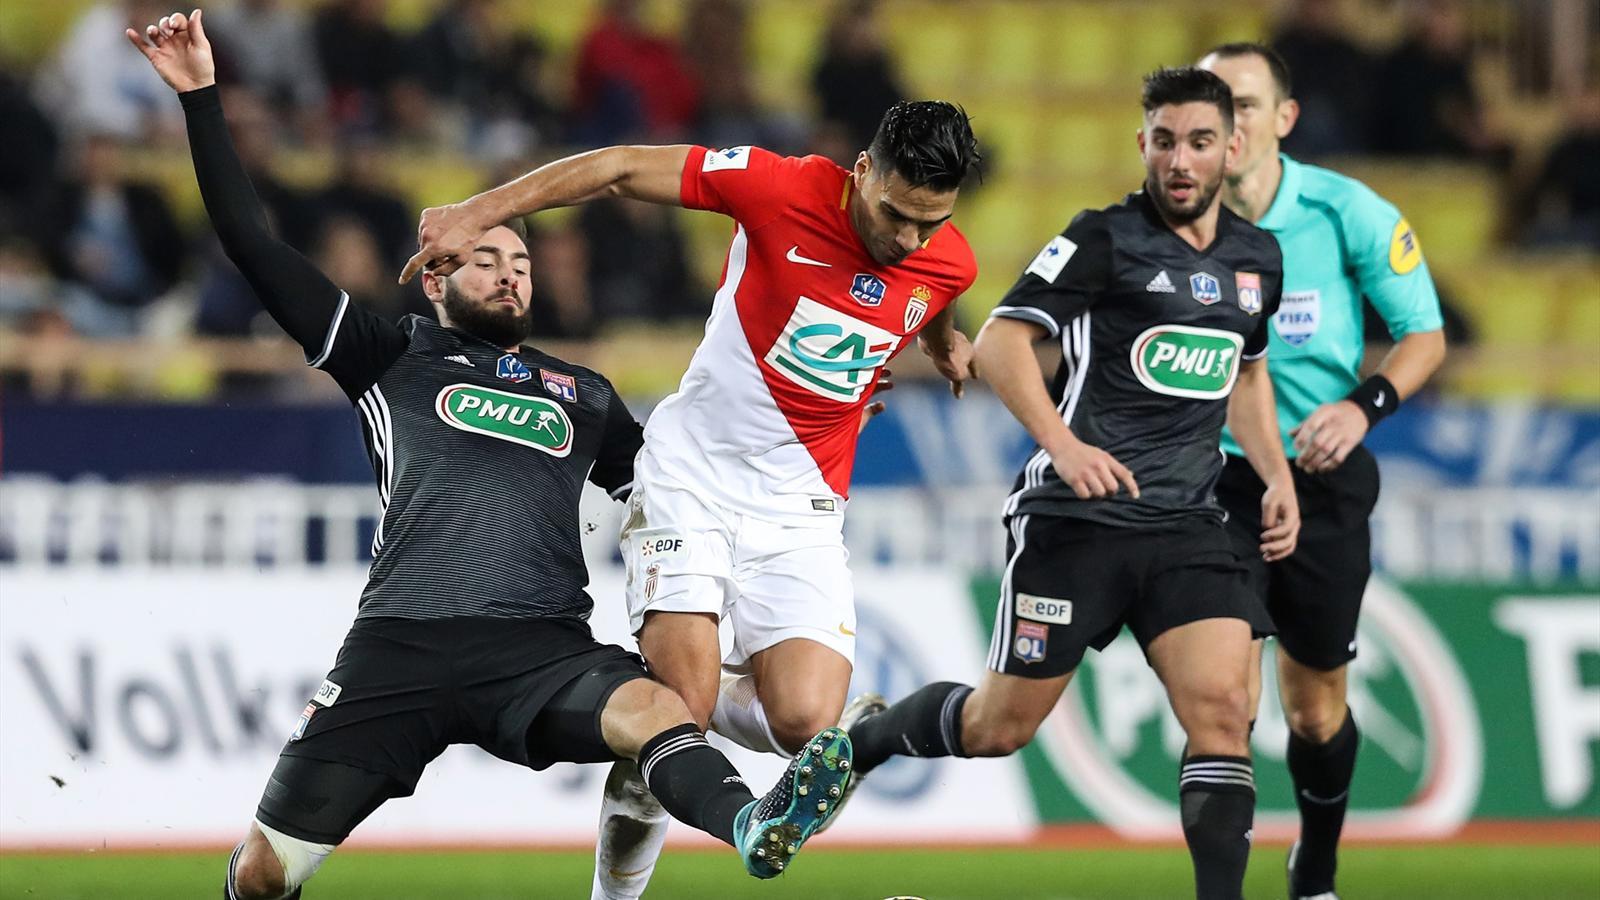 En direct live as monaco lyon coupe de france 24 - Coupe de france football resultat en direct ...